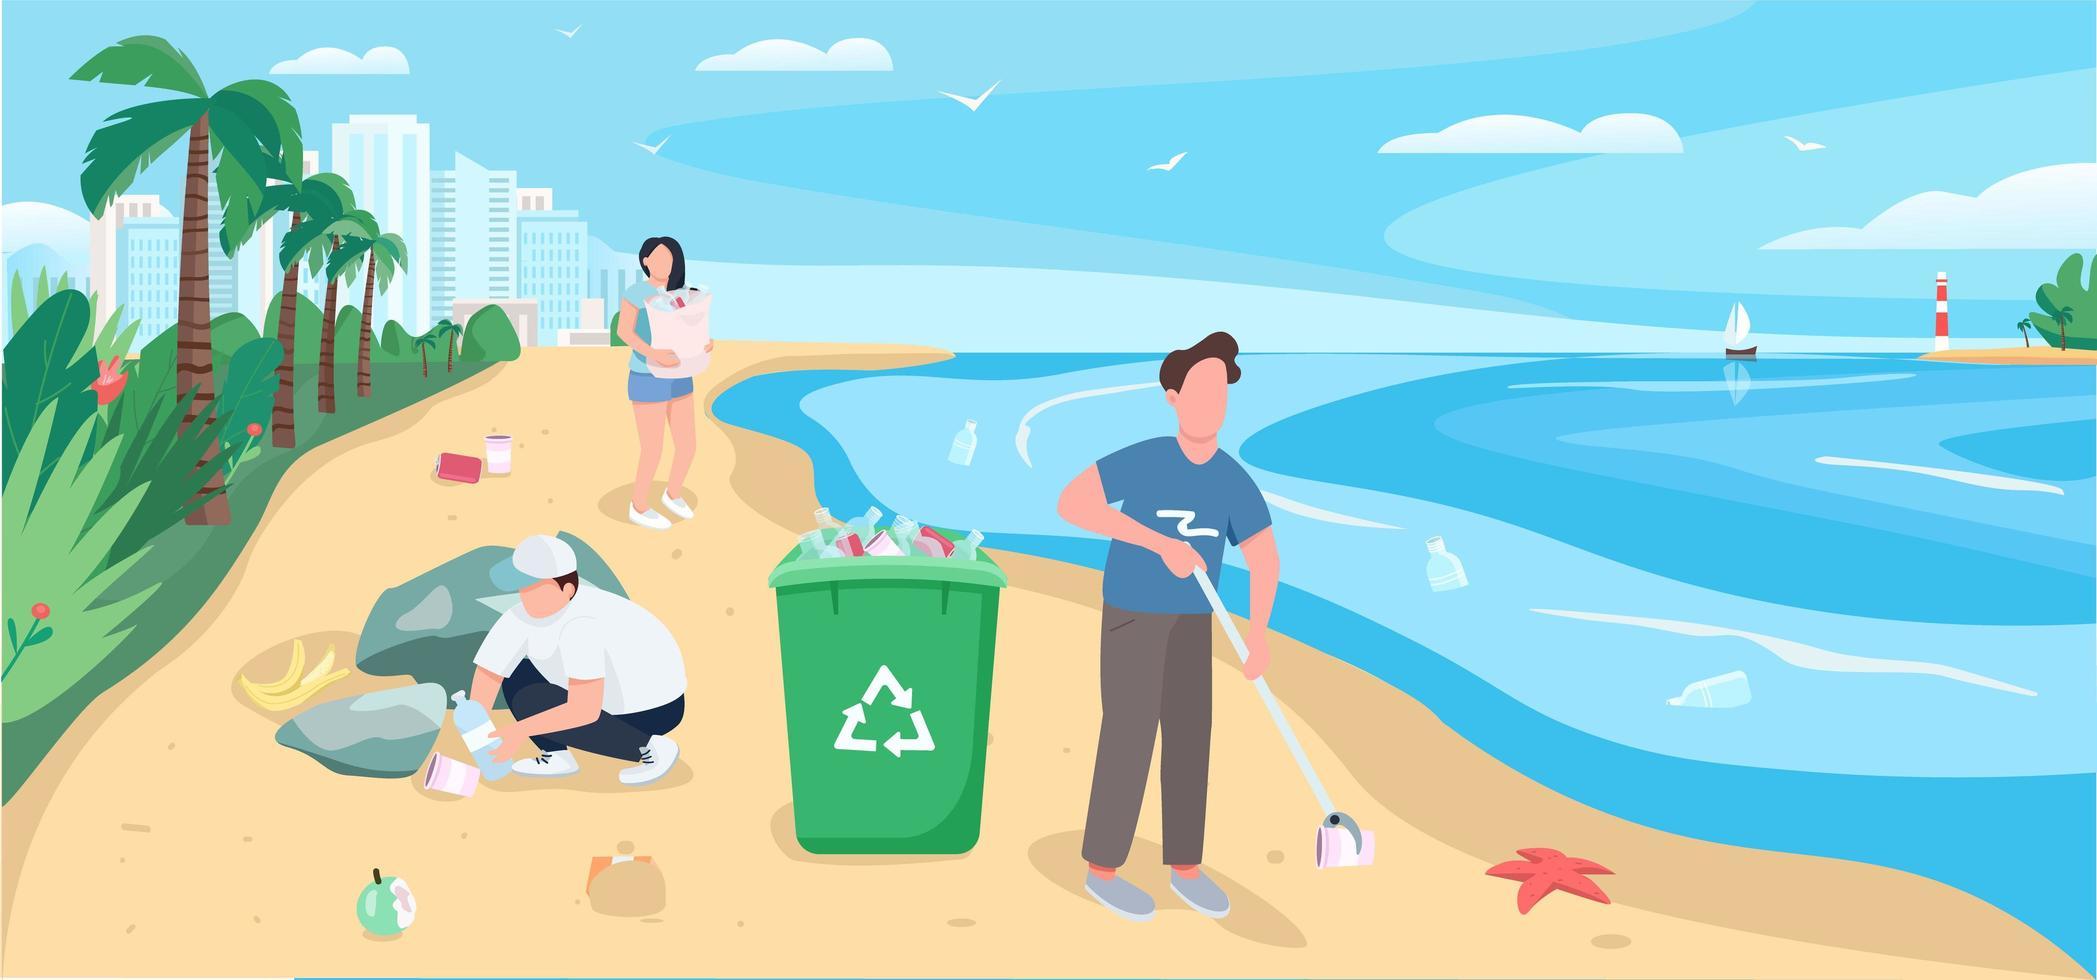 personnes nettoyant la plage de sable vecteur